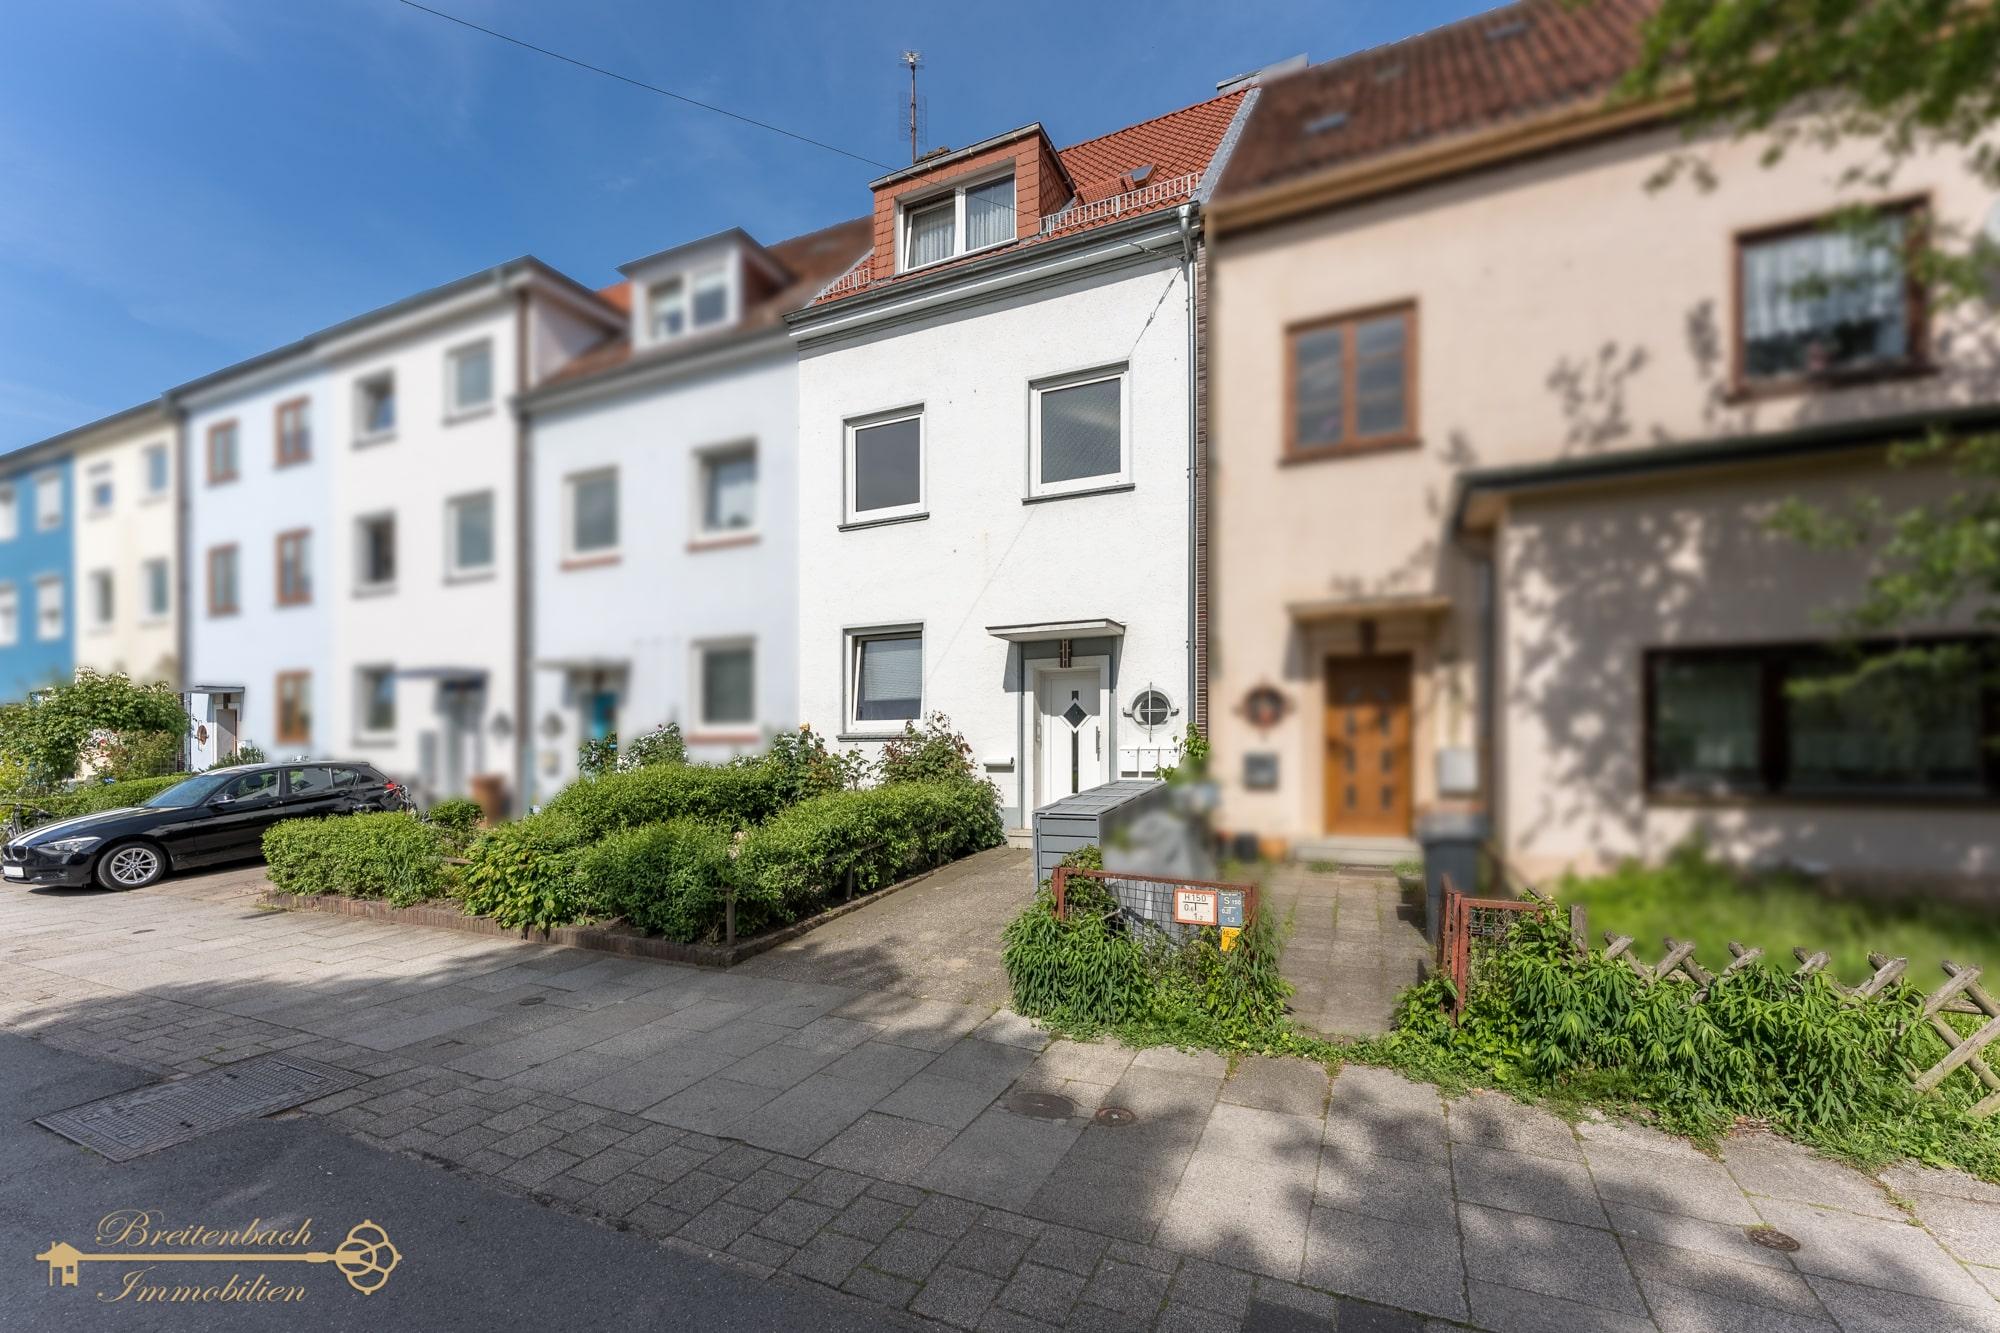 2021-05-29-Breitenbach-Immobilien-Makler-Bremen-15-min